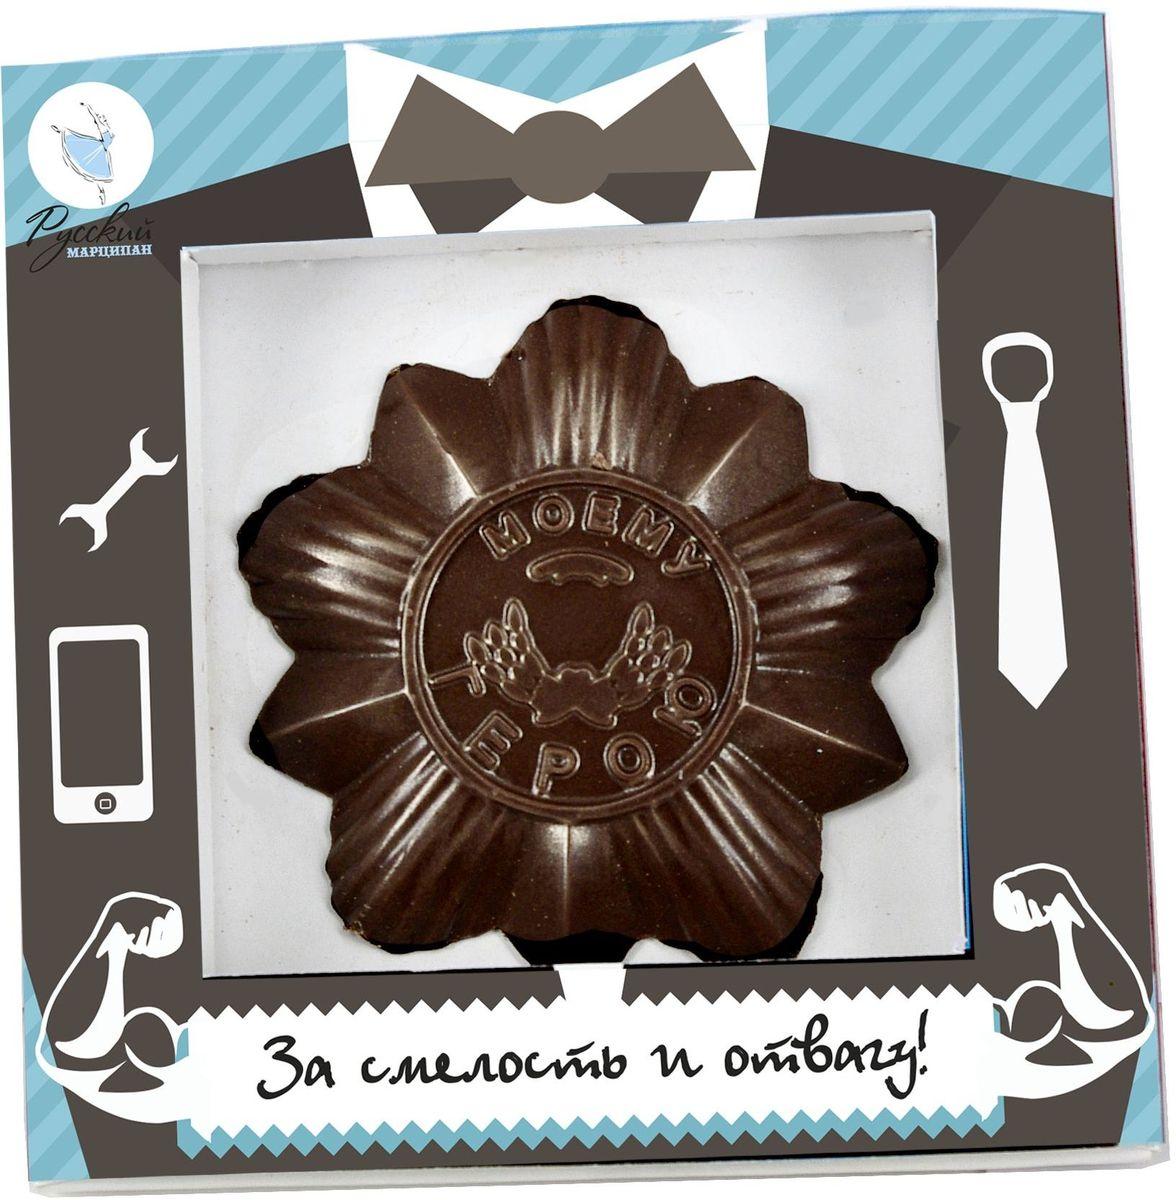 Русский марципан Орден Герою шоколадный сувенир, 35 г14797Сладкий шоколадный набор будет прекрасным подарком